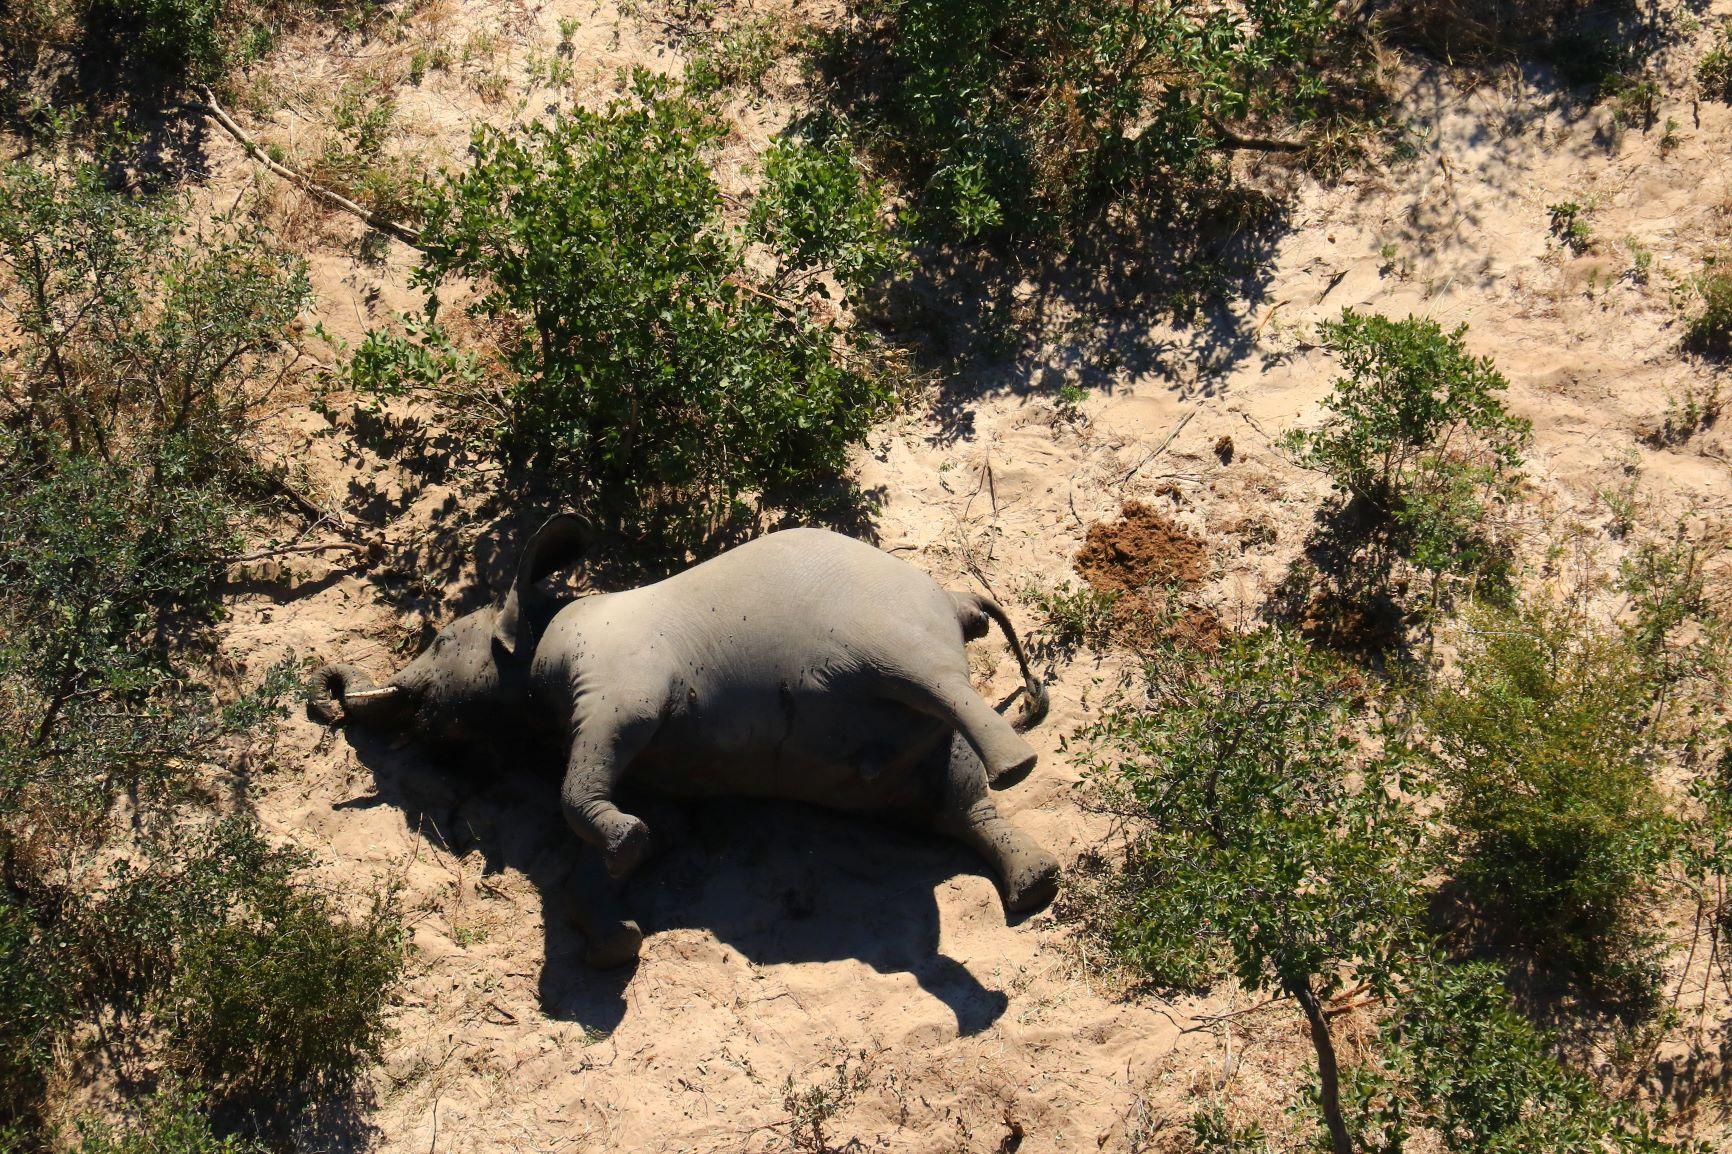 Valószínűleg egy eddig nem ismert kórokozó miatt pusztulnak el az elefántok Botswanában